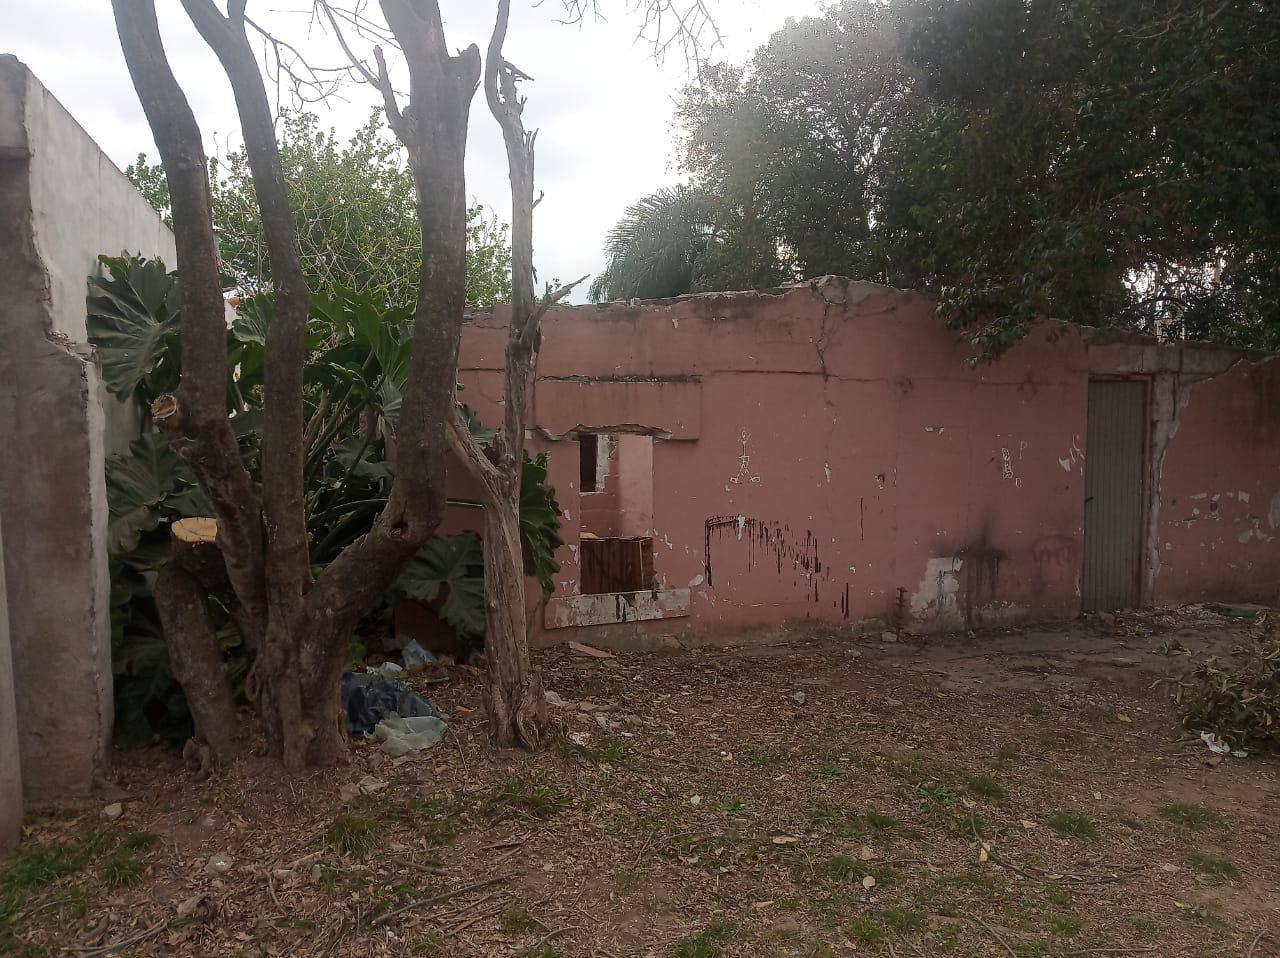 Cachero entre La Plata y Barcelona - Gaggiotti Inmobiliaria cuenta con más de 50 años desde que se inicio en el negocio de los servicios inmobiliarios.